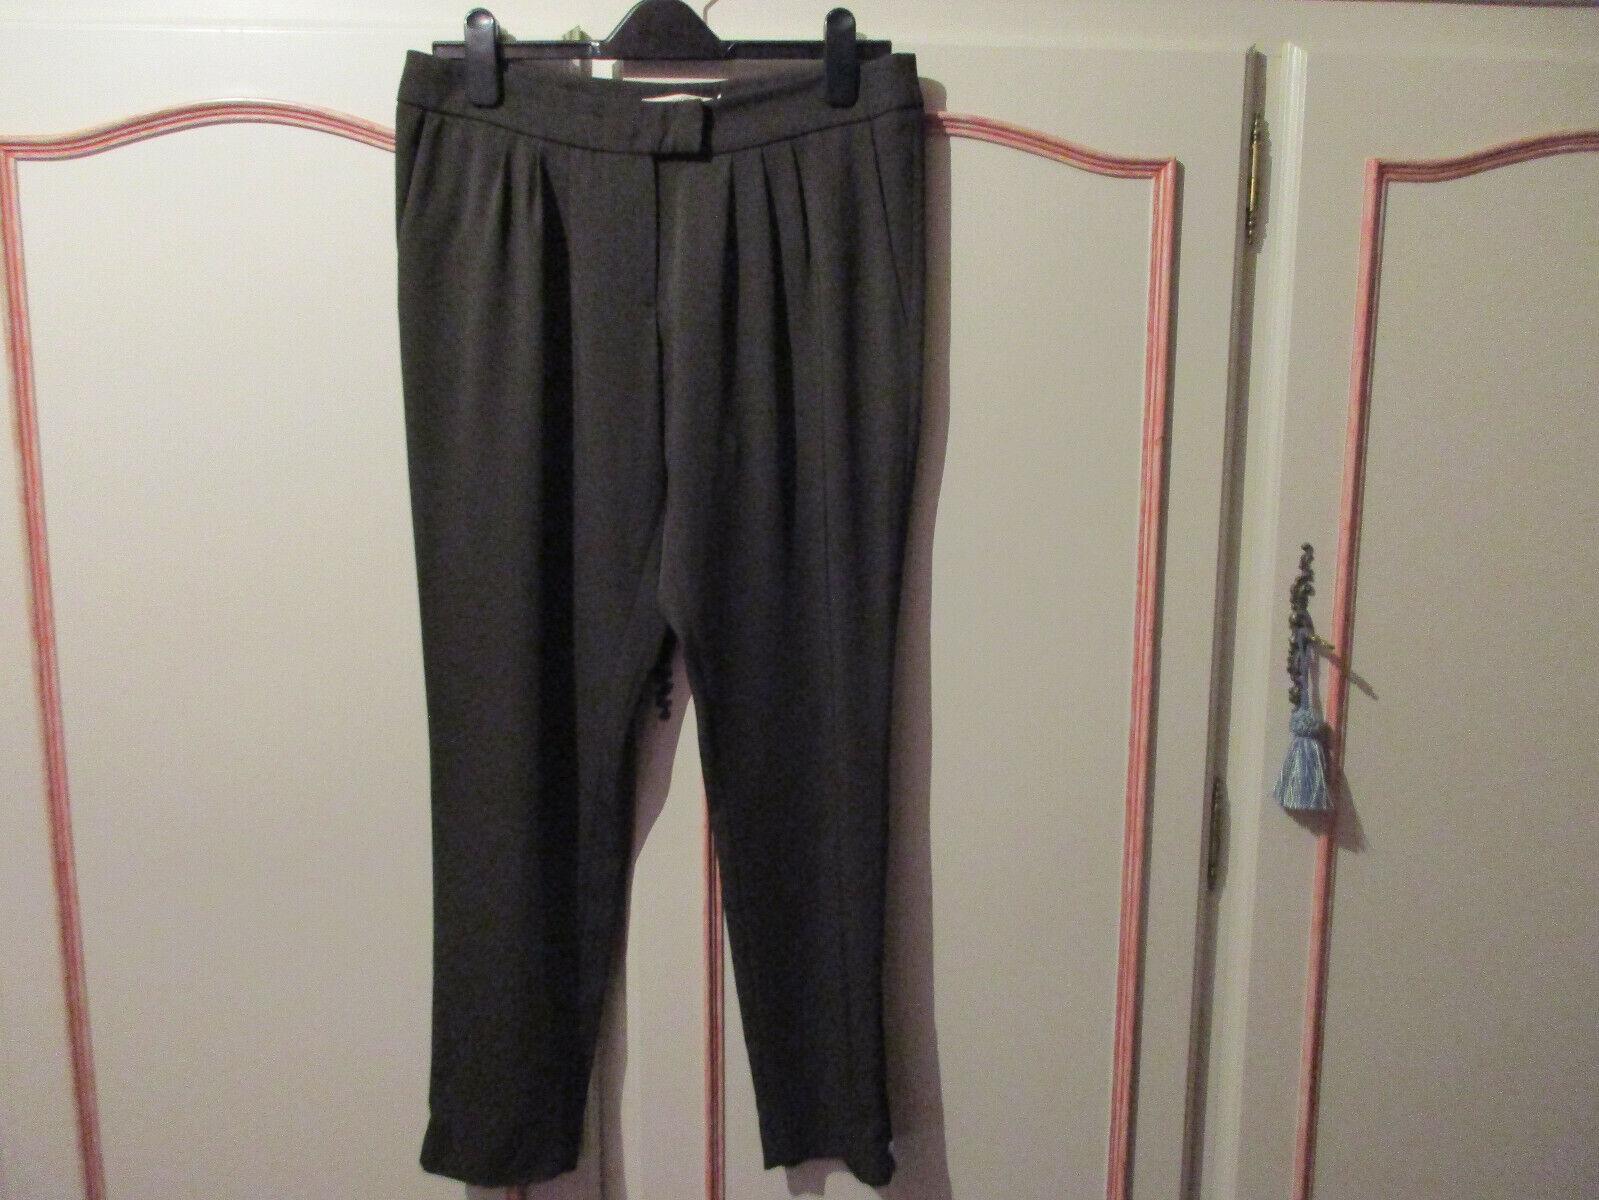 Pantalon manoukian kaki à pinces fermeture bas pantalon fluide t.40 parfait état